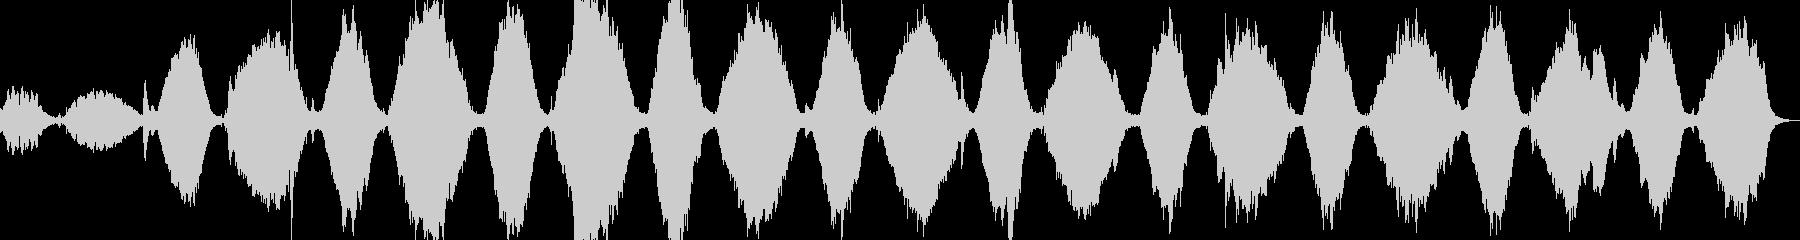 自己内省瞑想音楽1の未再生の波形